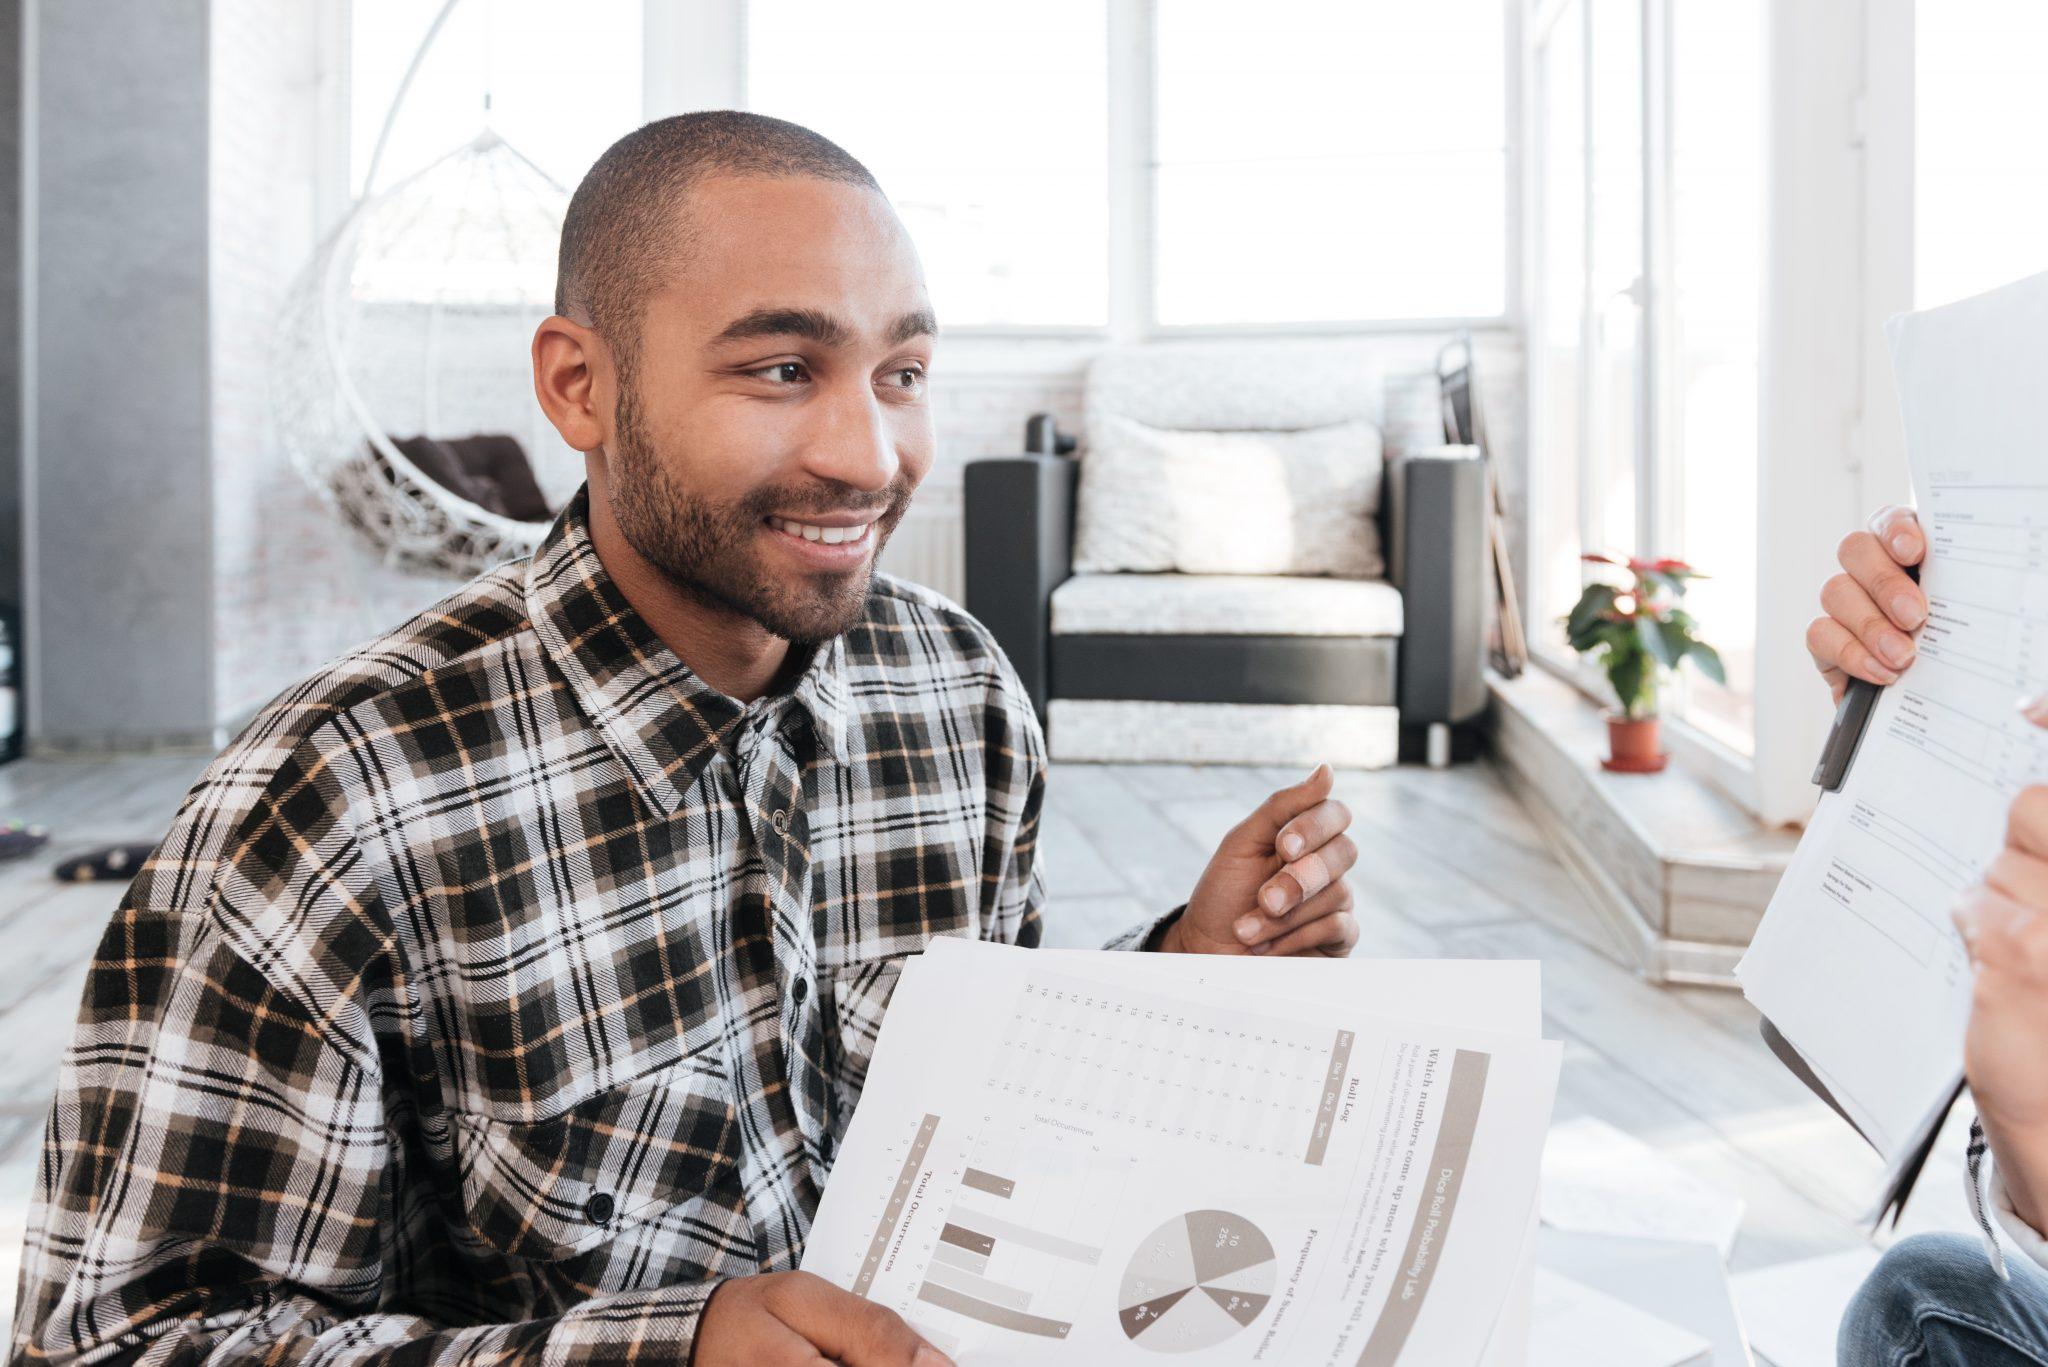 Virtual IT Department - CIO, CTO, CISO Services Enterprise IT Services 844-487-7283 https://www.arnettgroup.net